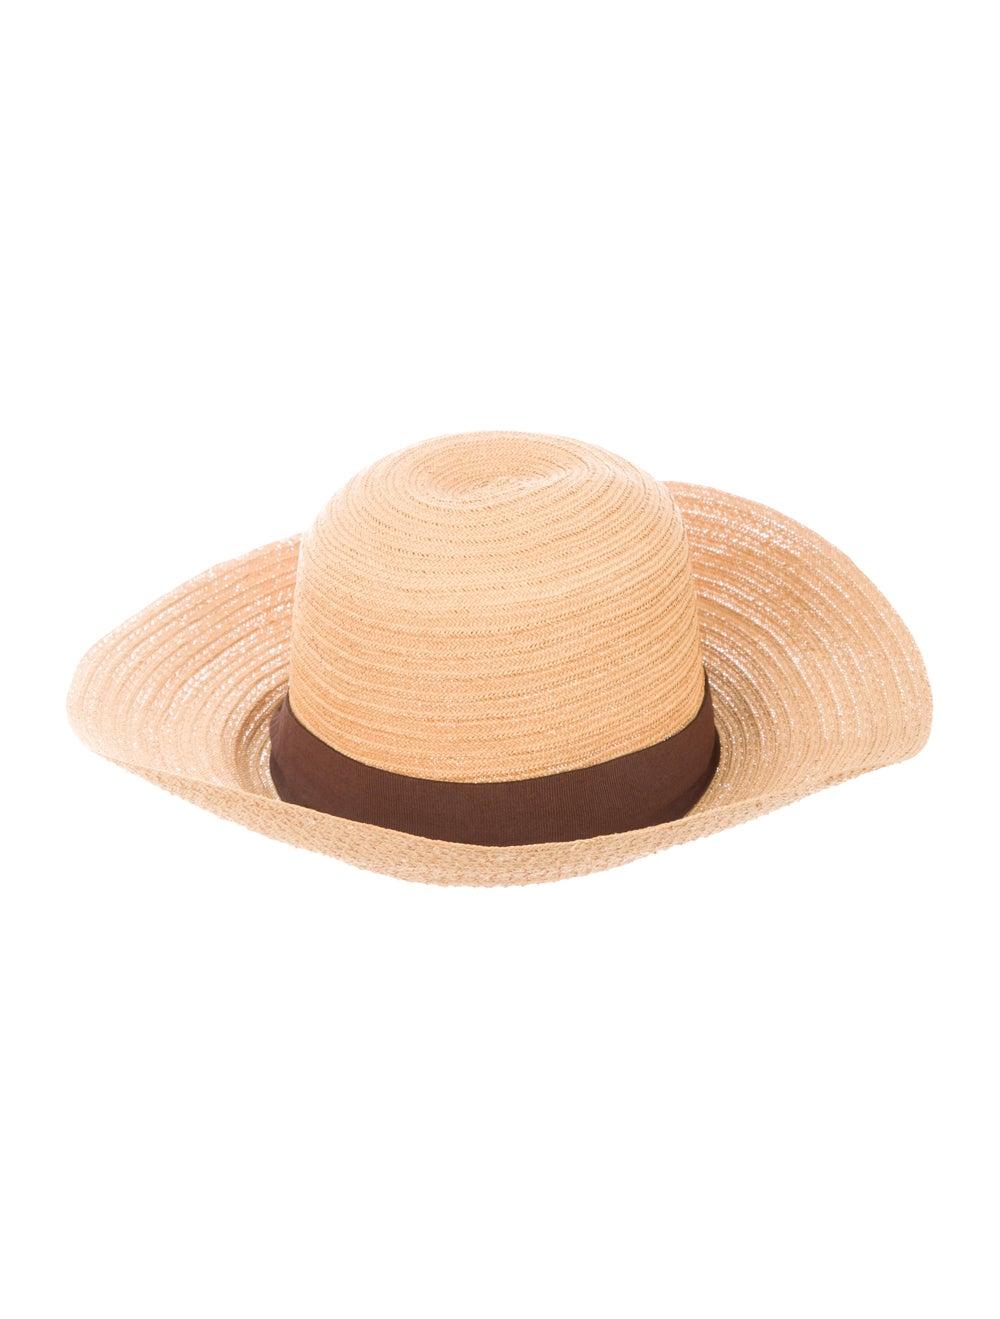 Reinhard Plank Straw Wide Brim Hat Tan - image 2